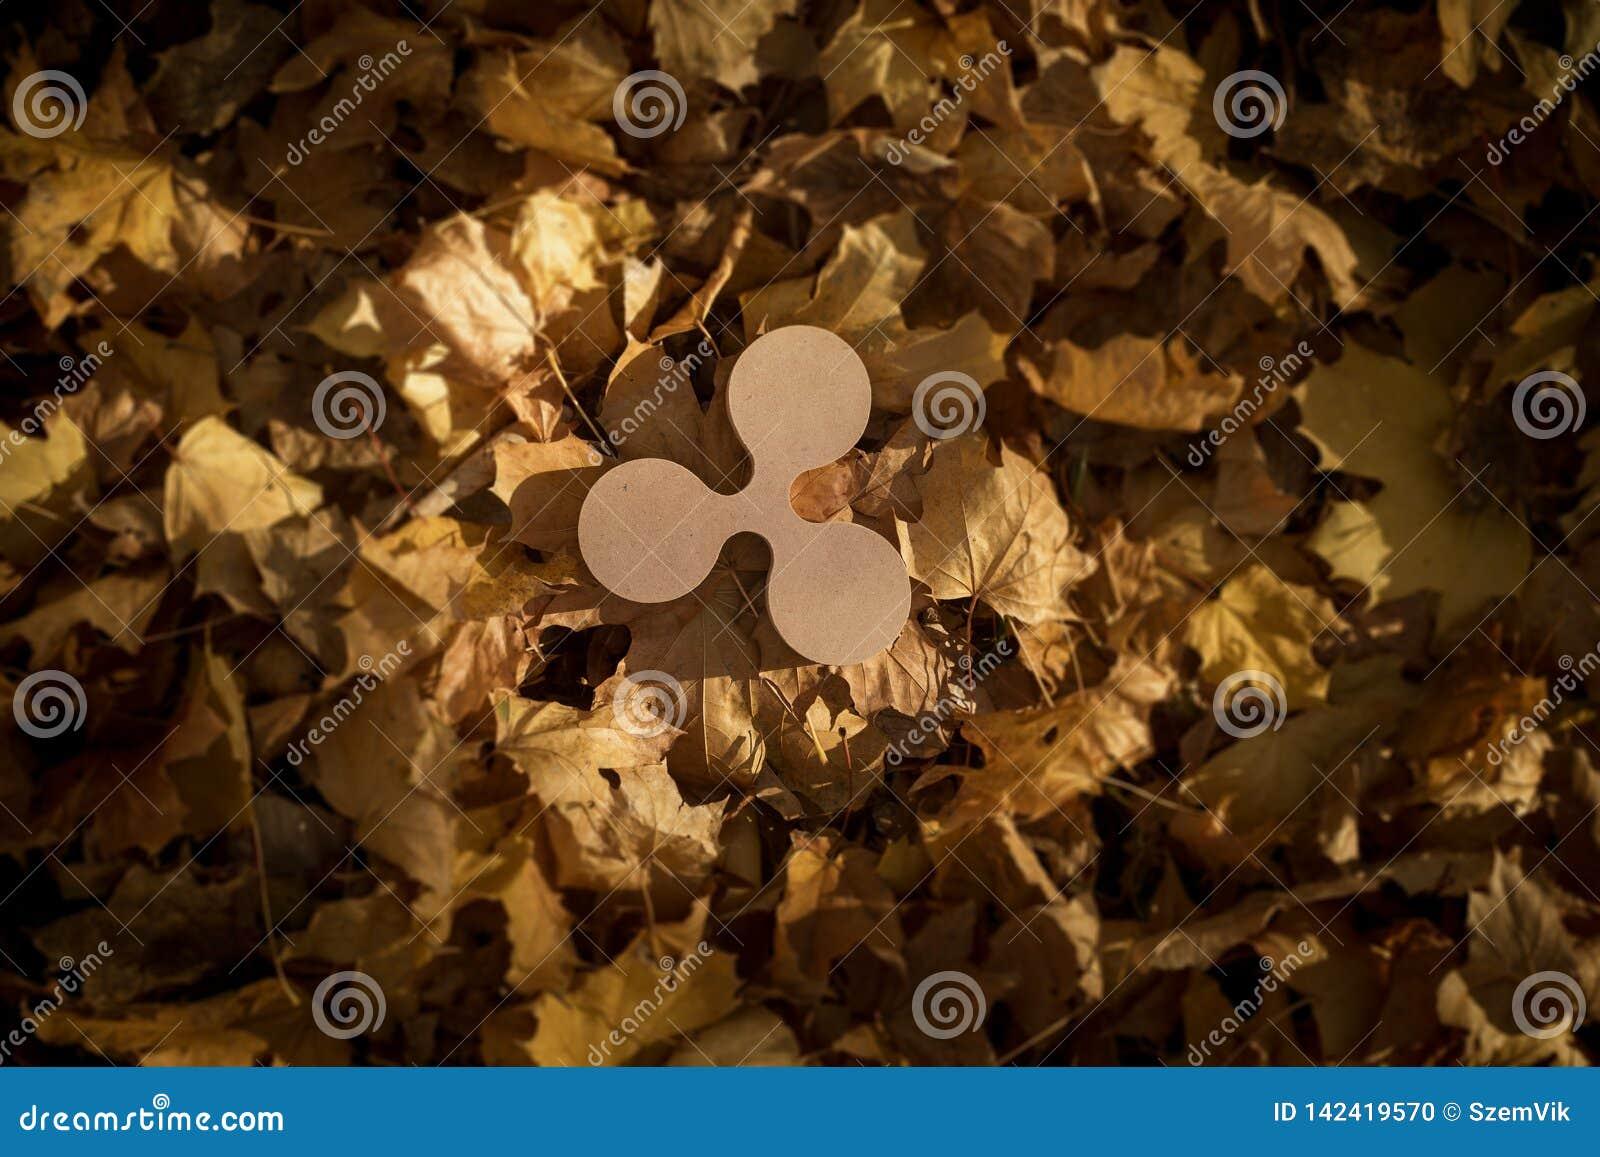 Kräuselungs-Währungszeichen auf Autumn Leaves